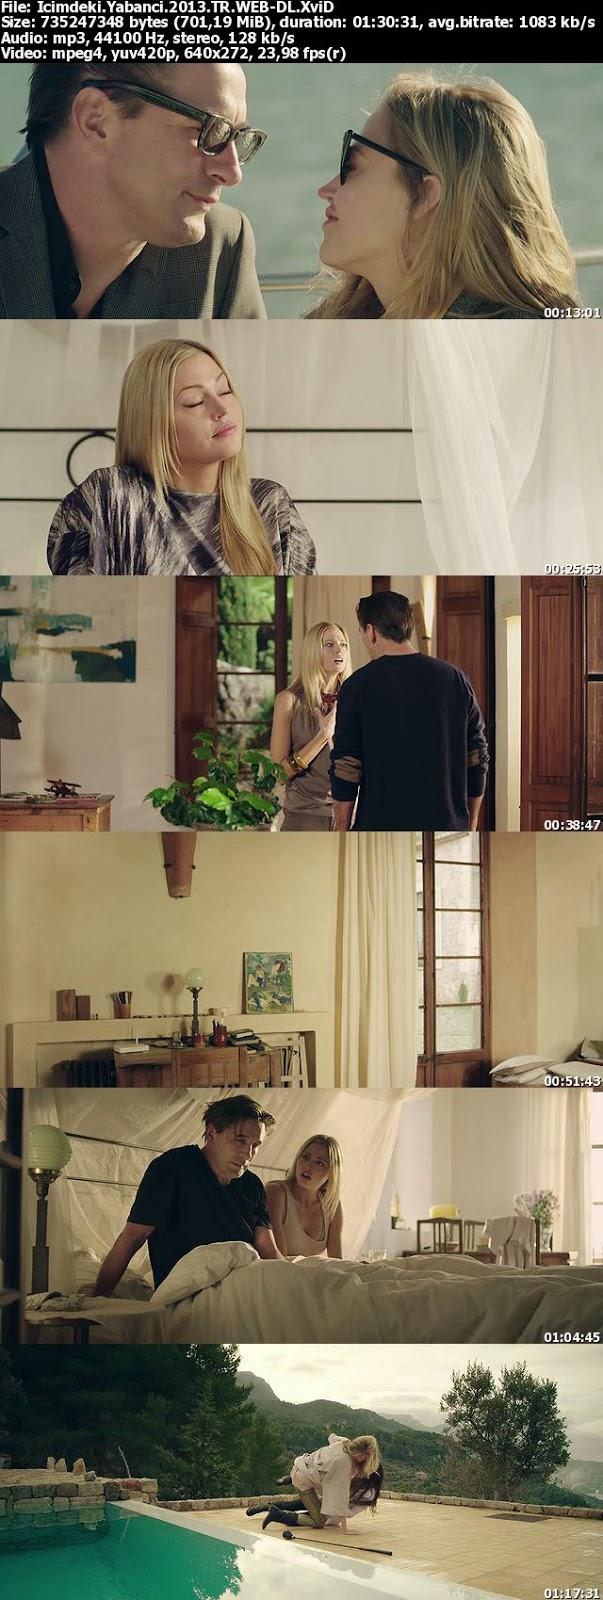 İçimdeki Yabancı - The Stranger Within 2013 Türkçe Dublaj Film İndir